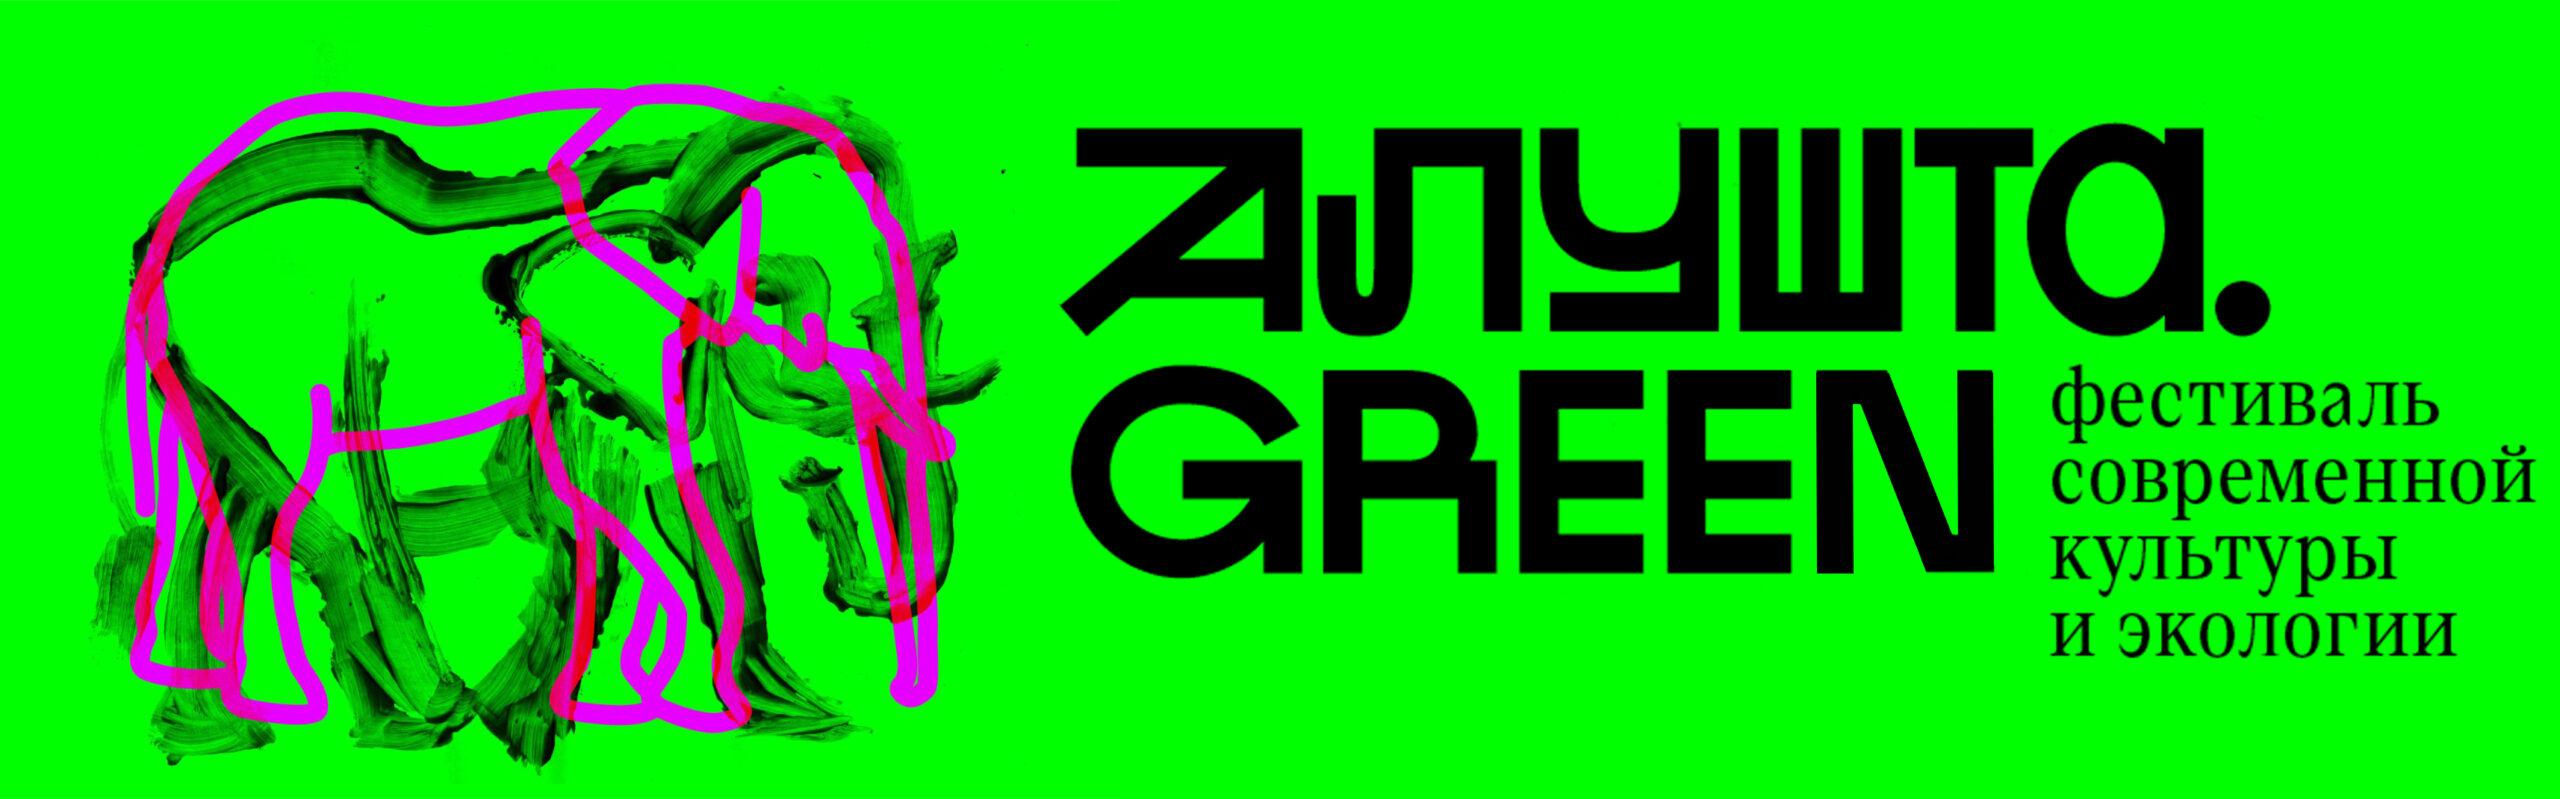 Российское экологическое общество поддержало Фестиваль современной культуры и экологии «Алушта.Green 2021»